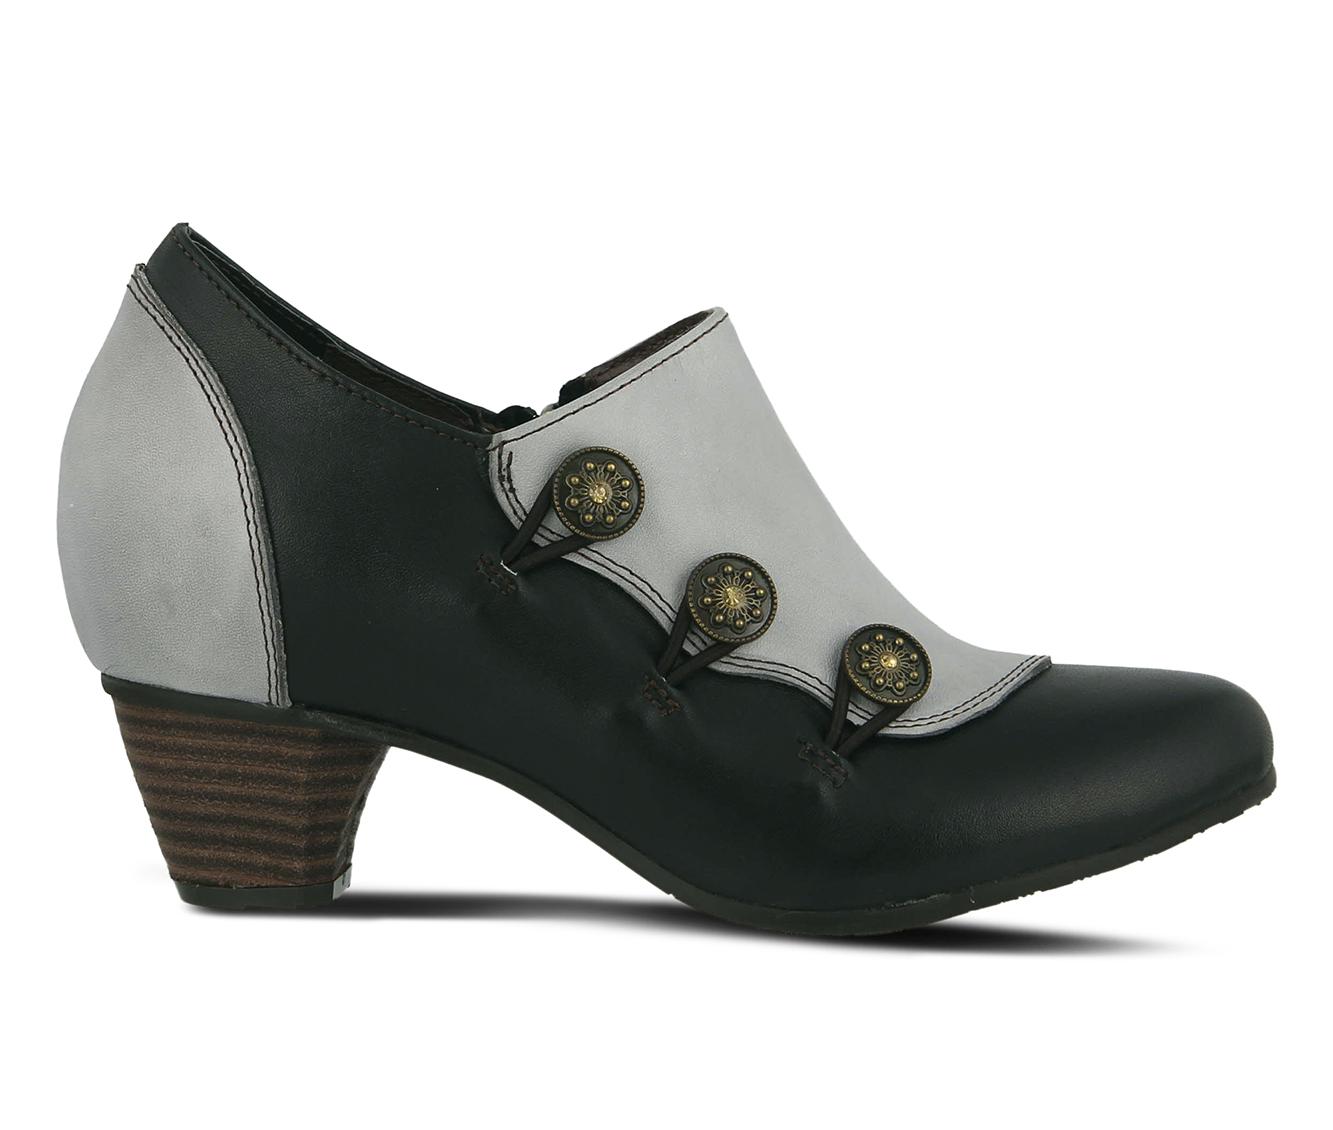 L'Artiste Greentea Women's Dress Shoe (Black Leather)